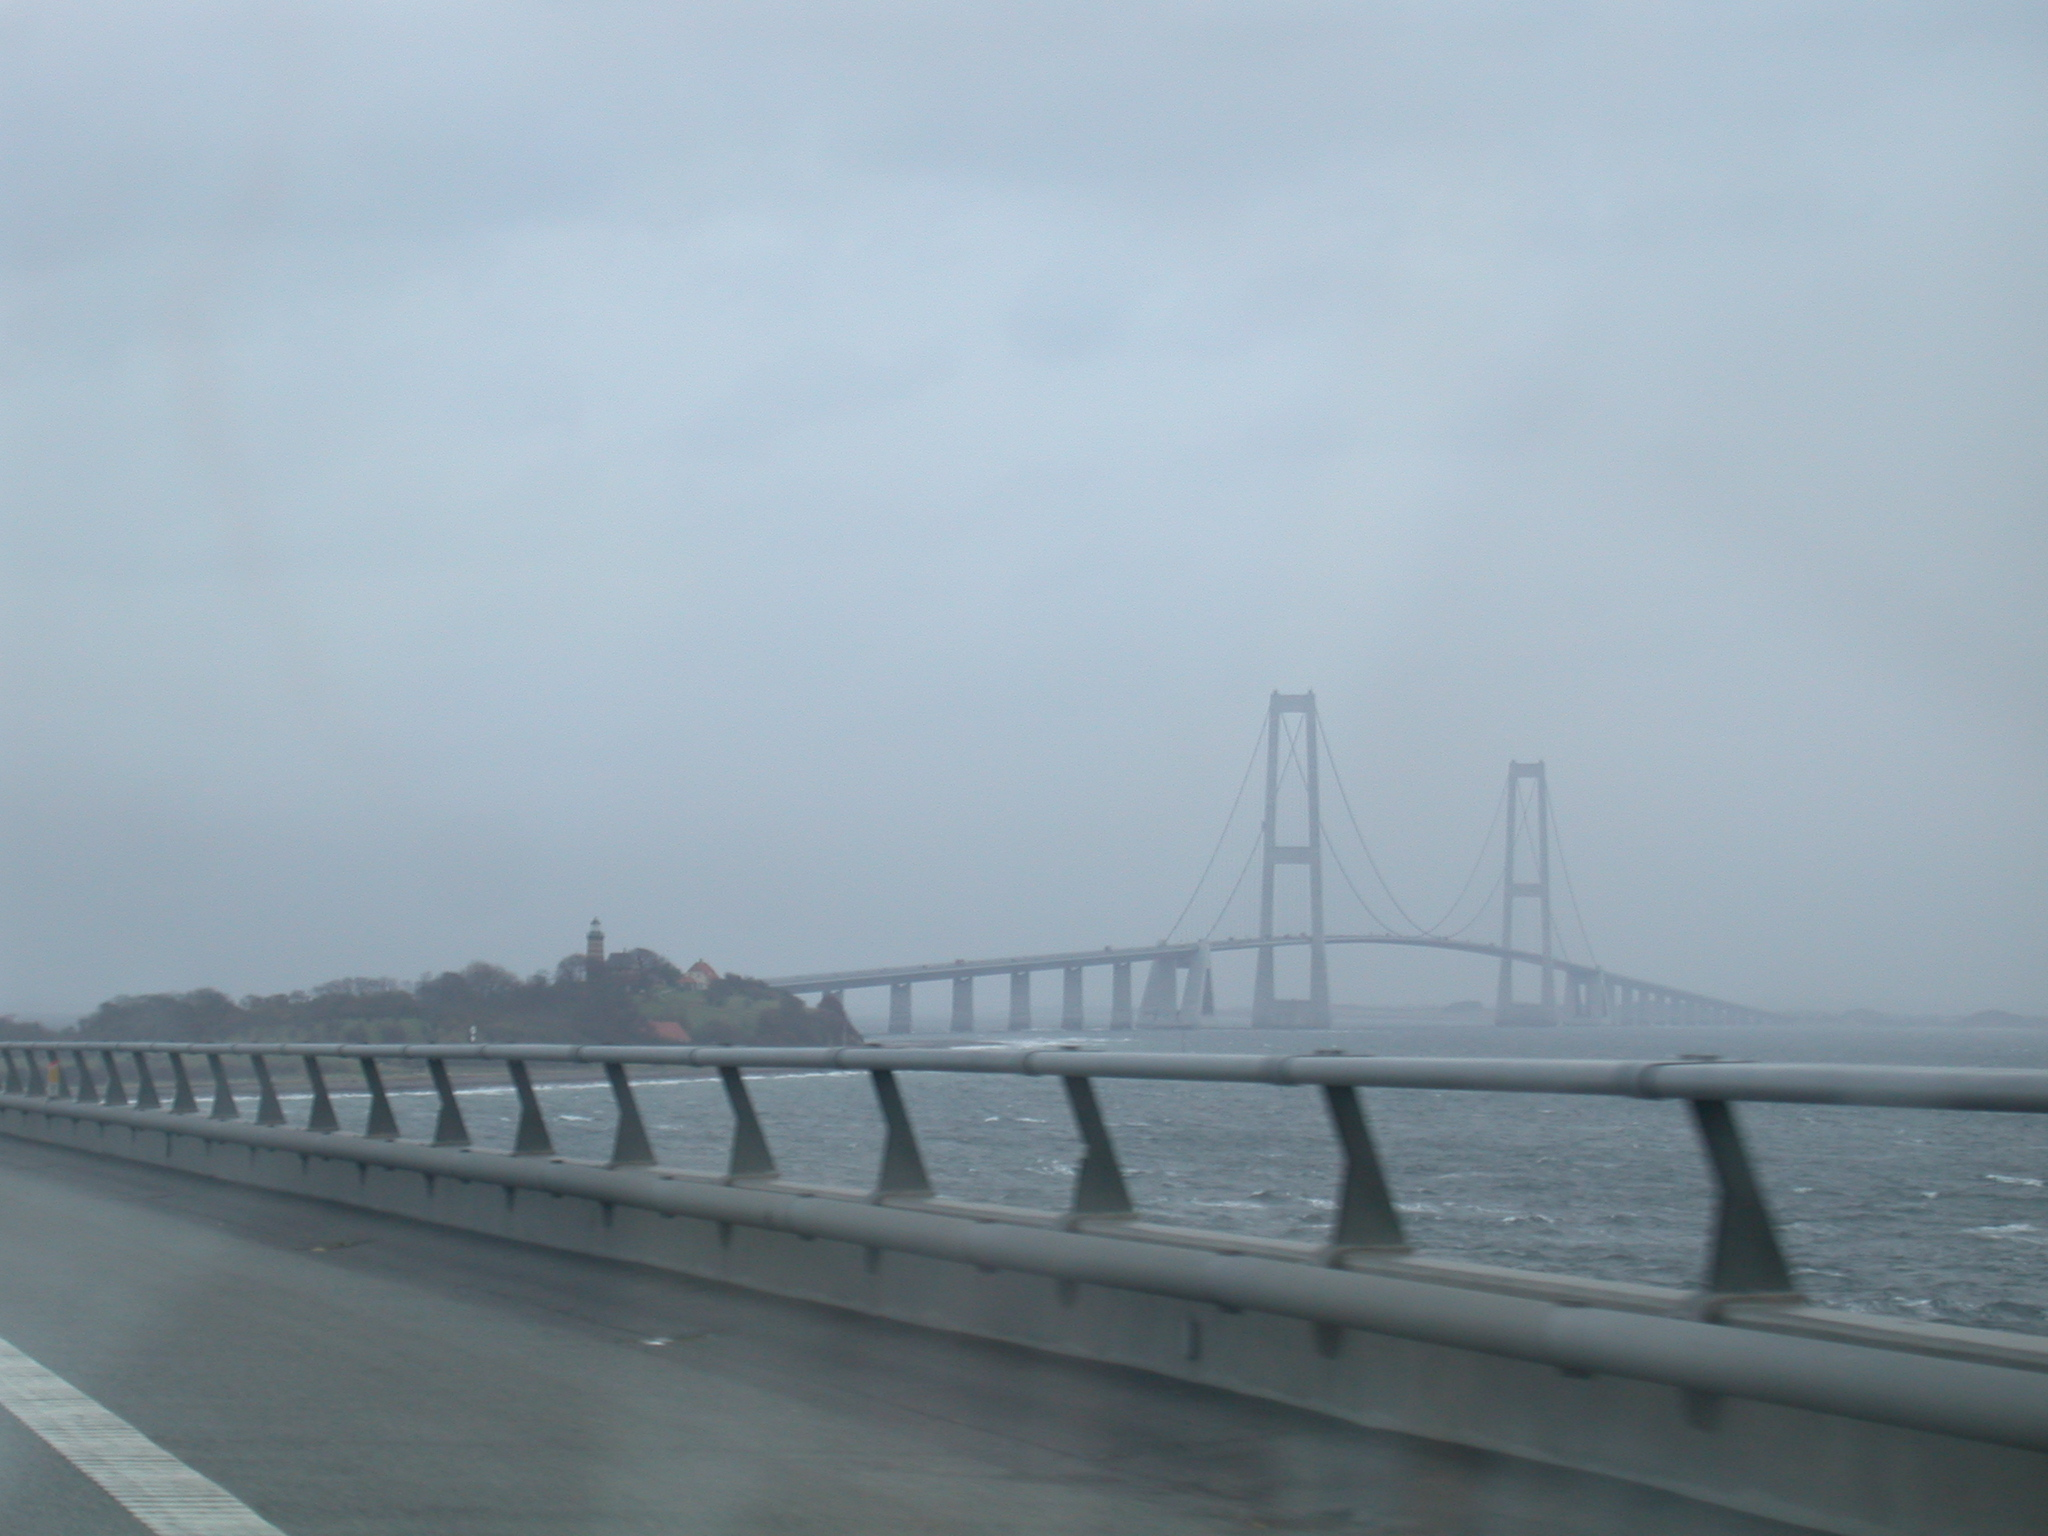 janneke bridge road highway freeway water railing